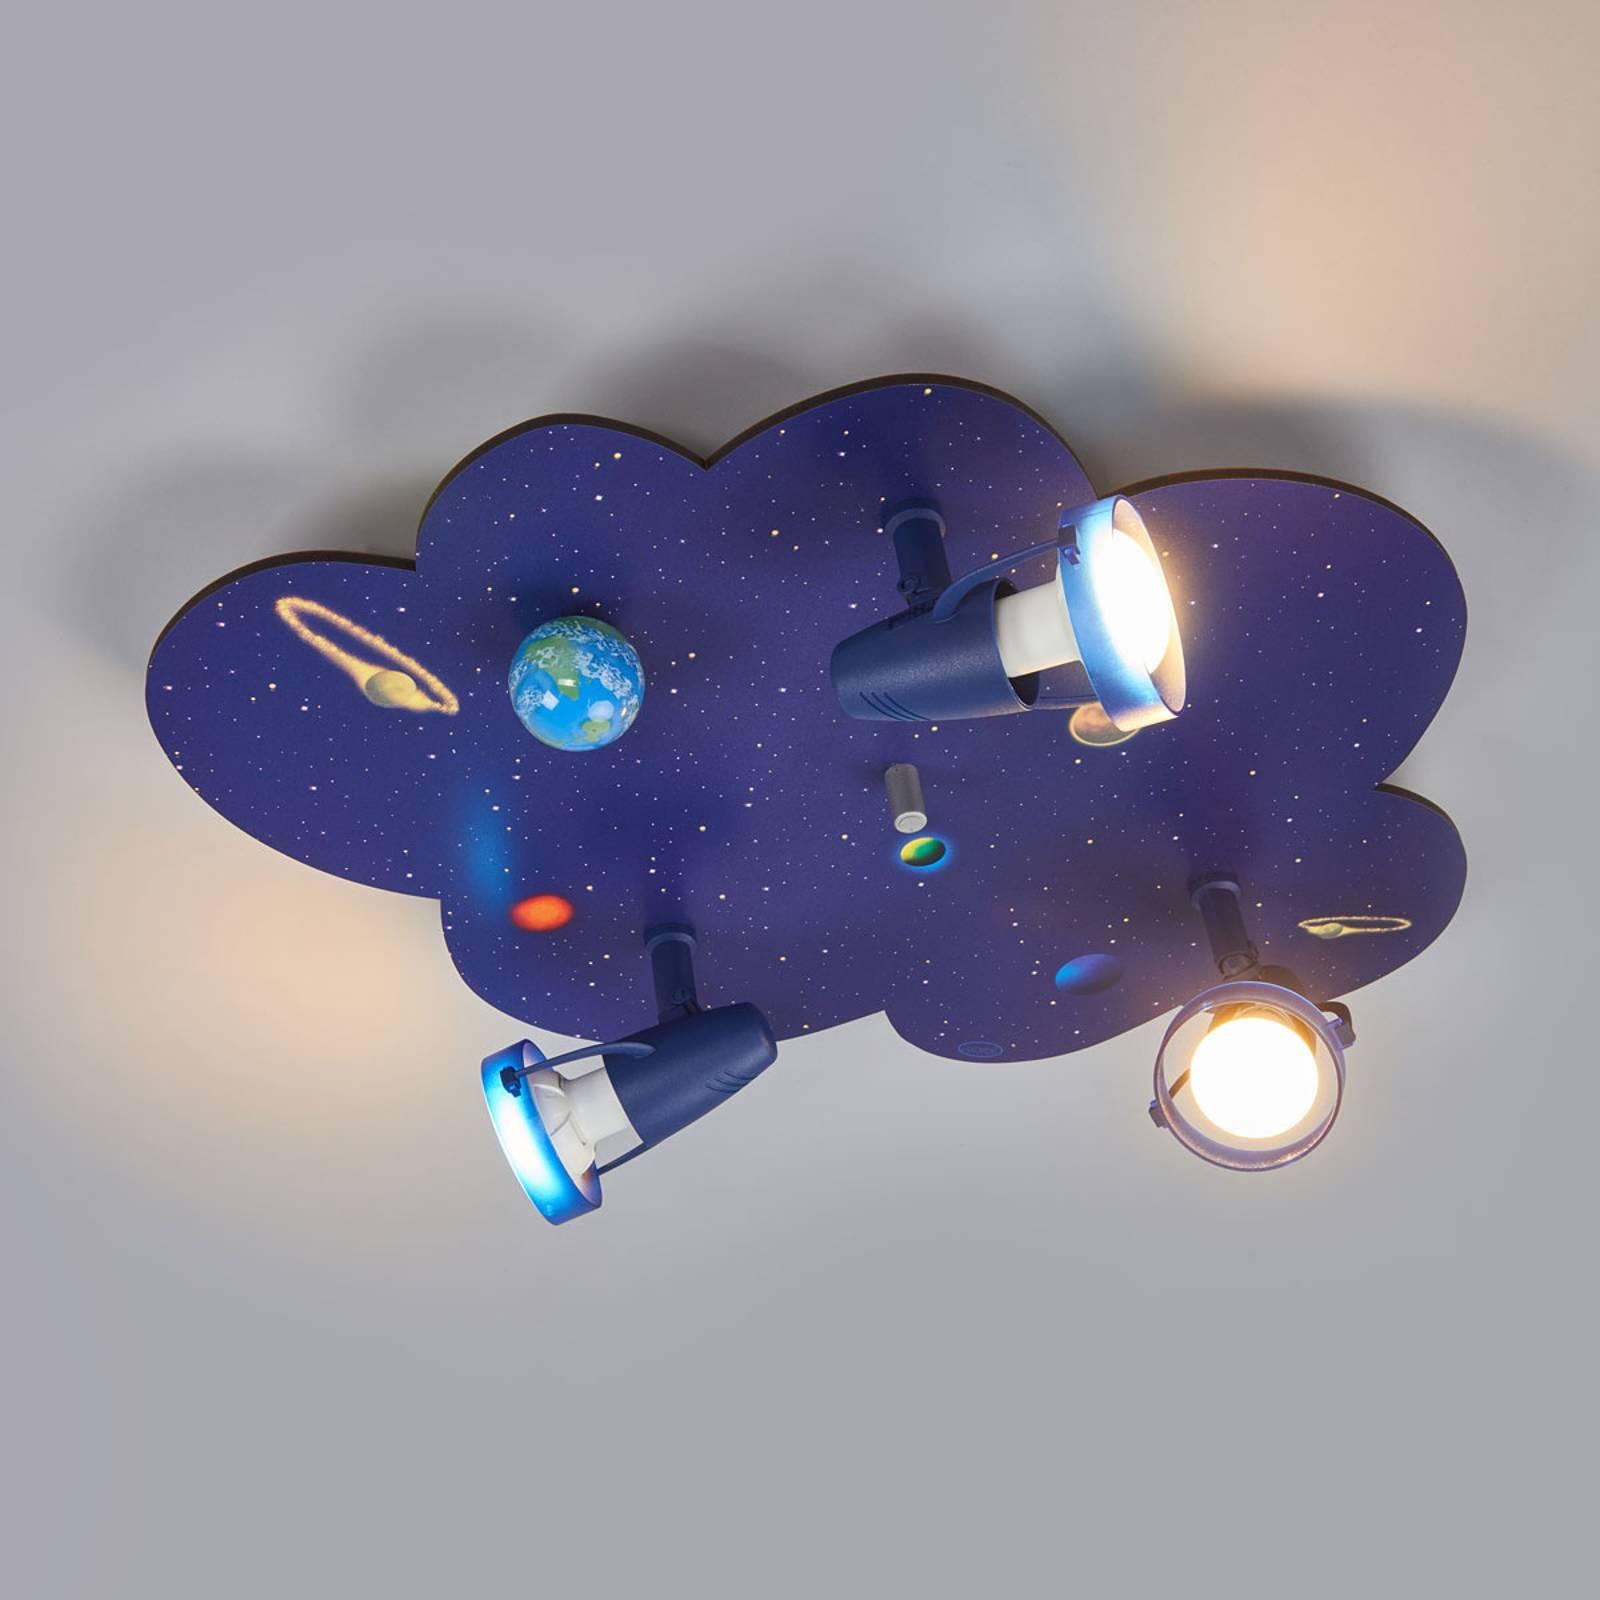 Blau   Deckenlampen günstig online kaufen bei I-Love-Tec.de